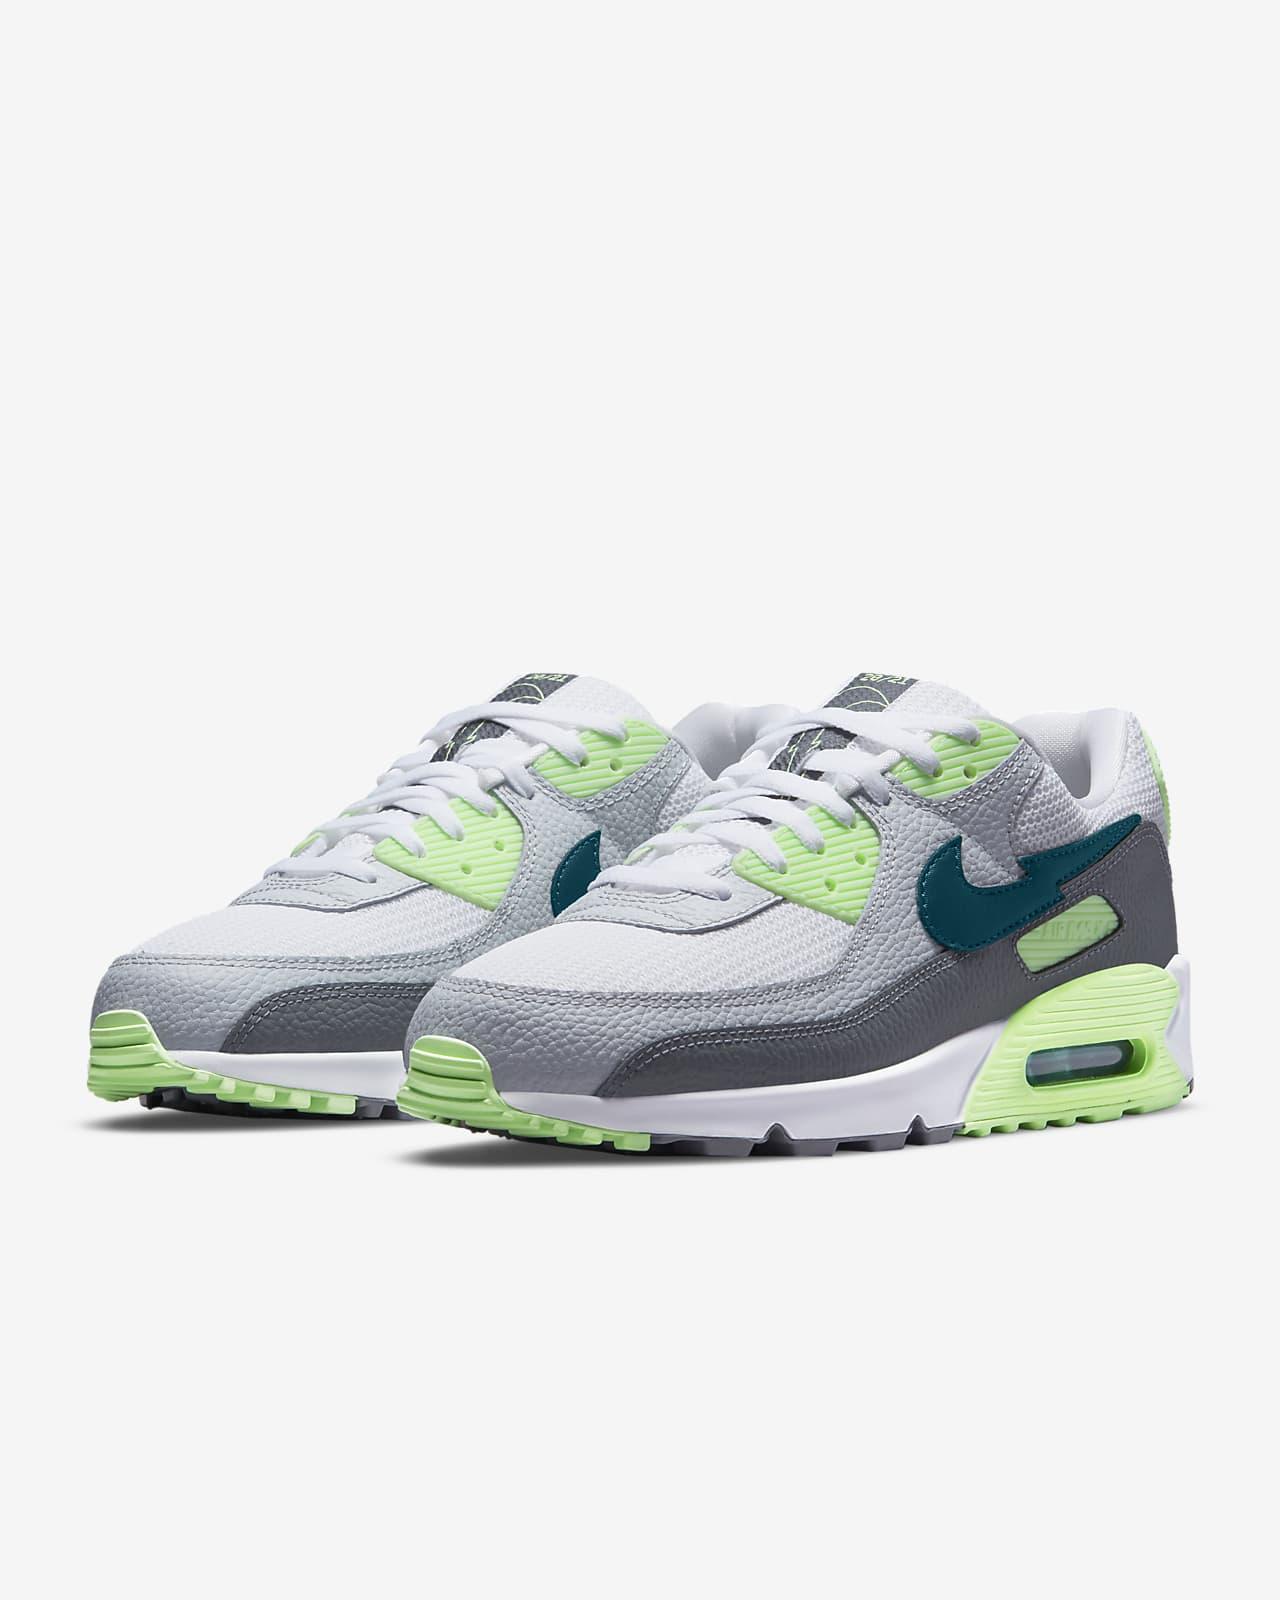 air max 90 uomo verde